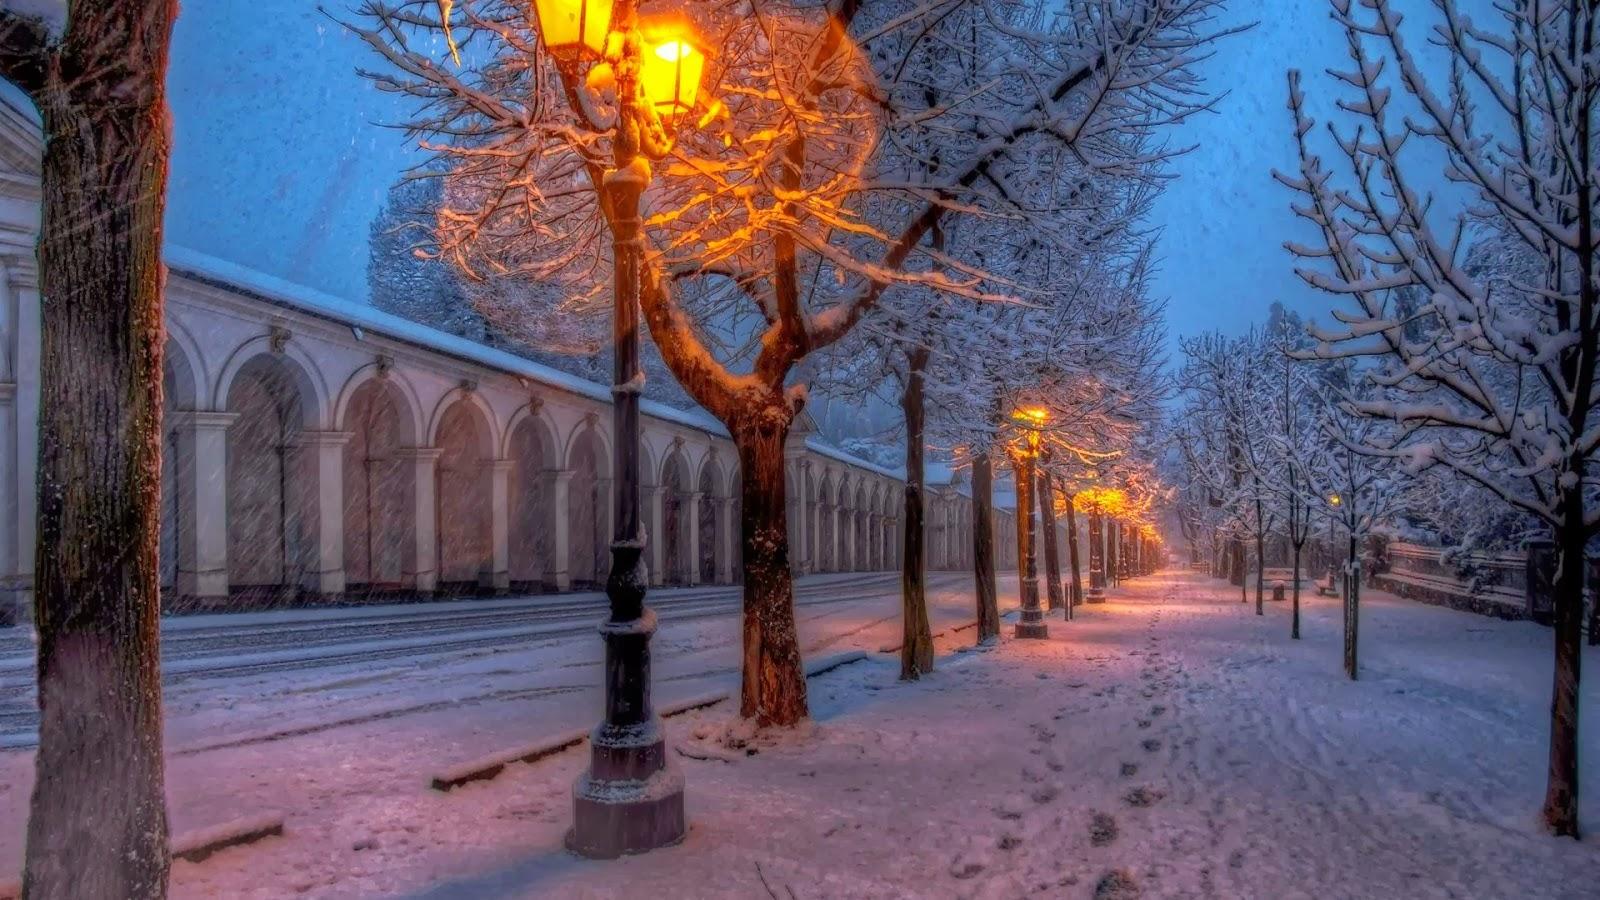 بالصور صور عن الشتاء , اروع صور للشتاء امطار و ثلوج 2933 19